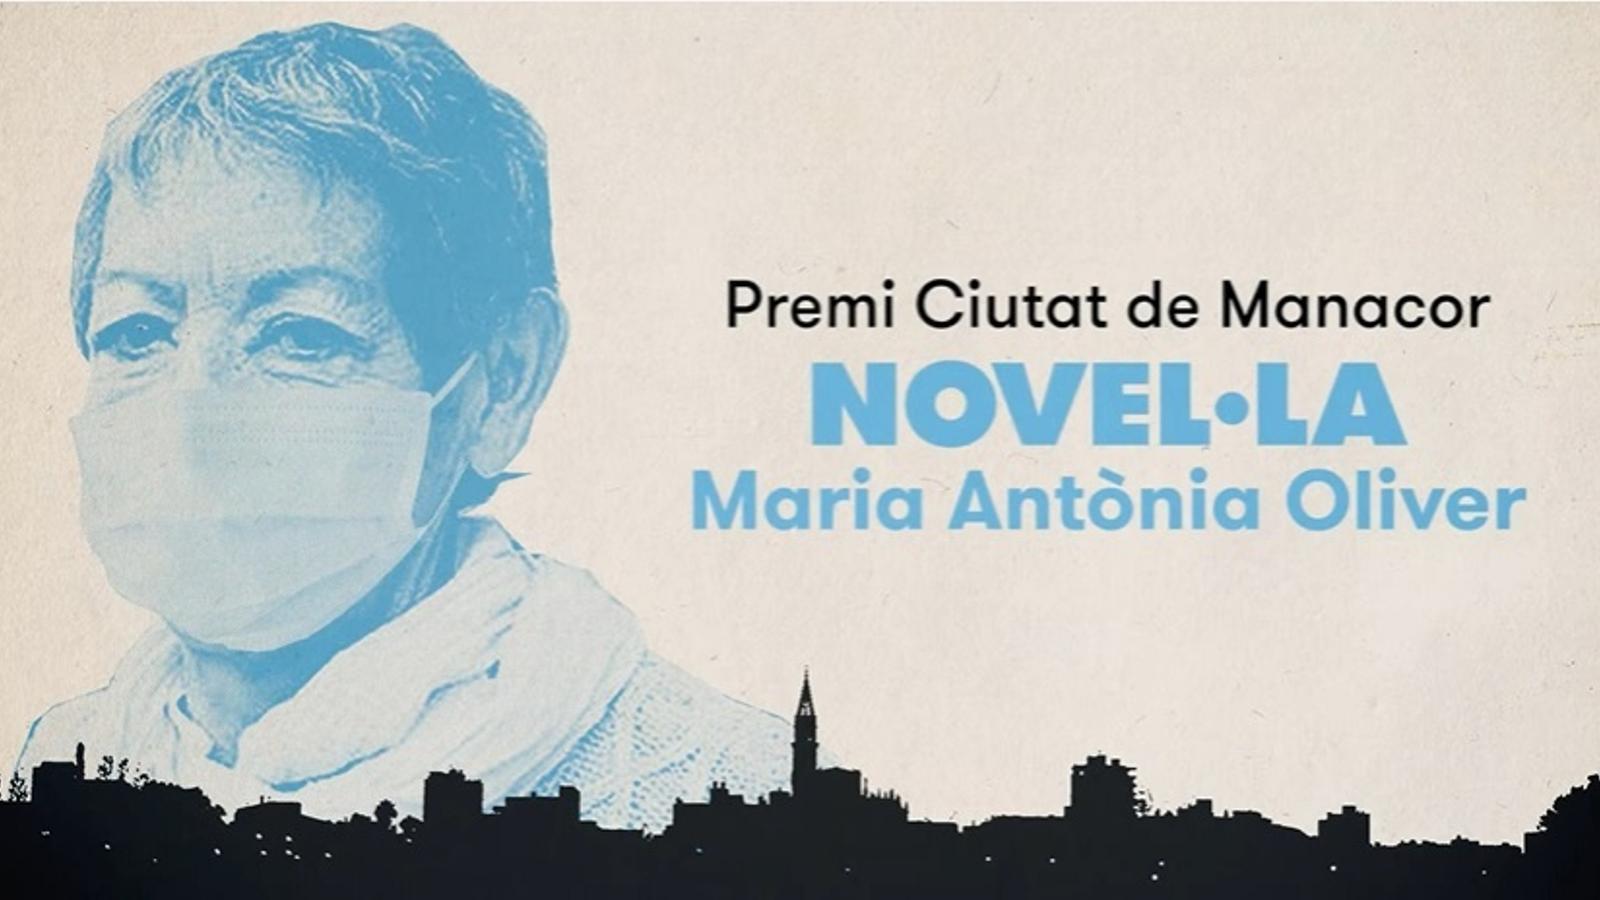 Fotograma del vídeo en què l'Ajuntament de Manacor revela el guanyador del premi Ciutat de Manacor de novel·la